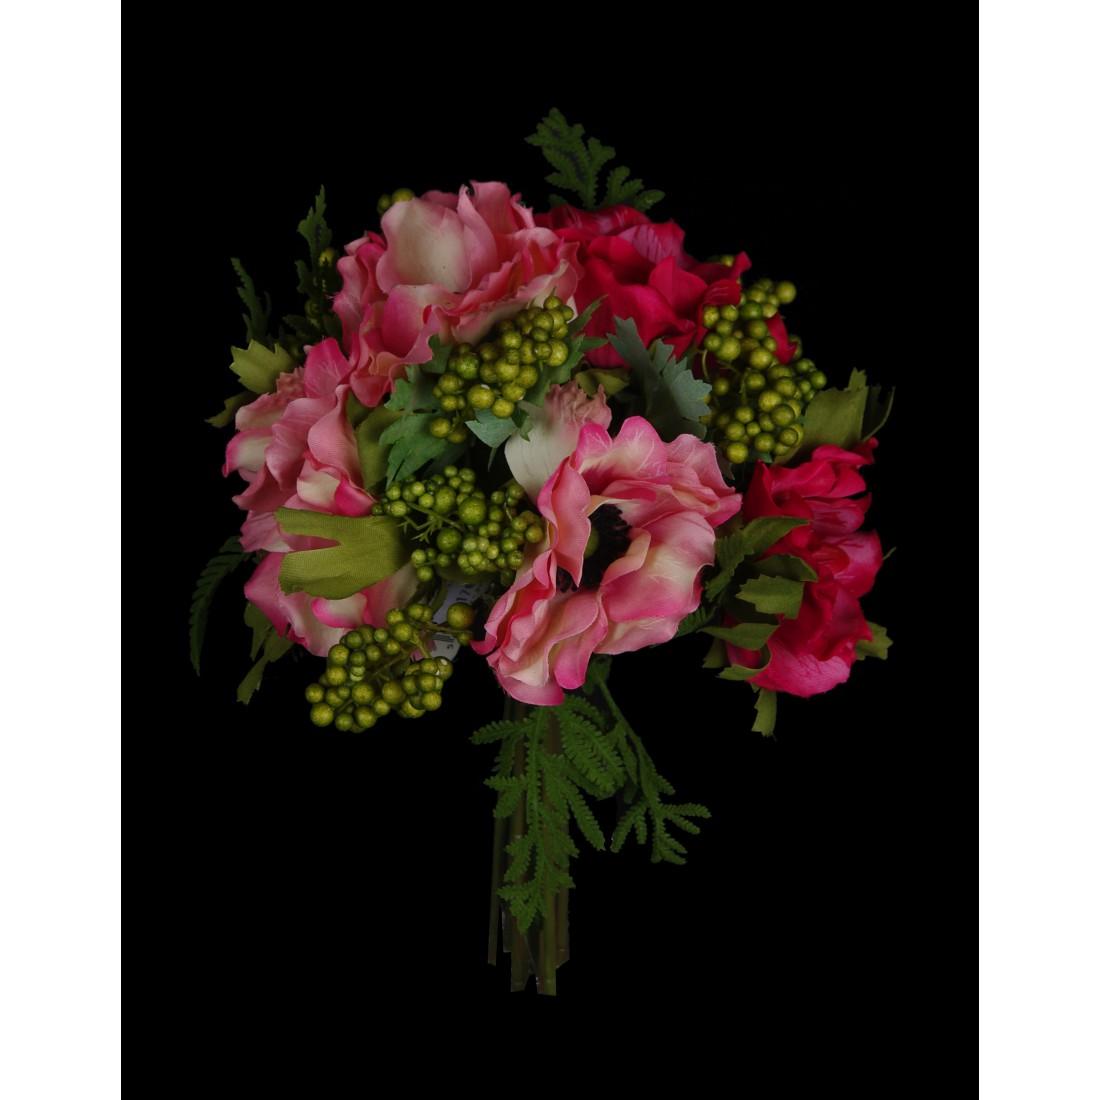 bouquet artificiel anemone et baies 26 cm bouquets et pots artificiels reflets nature lyon. Black Bedroom Furniture Sets. Home Design Ideas